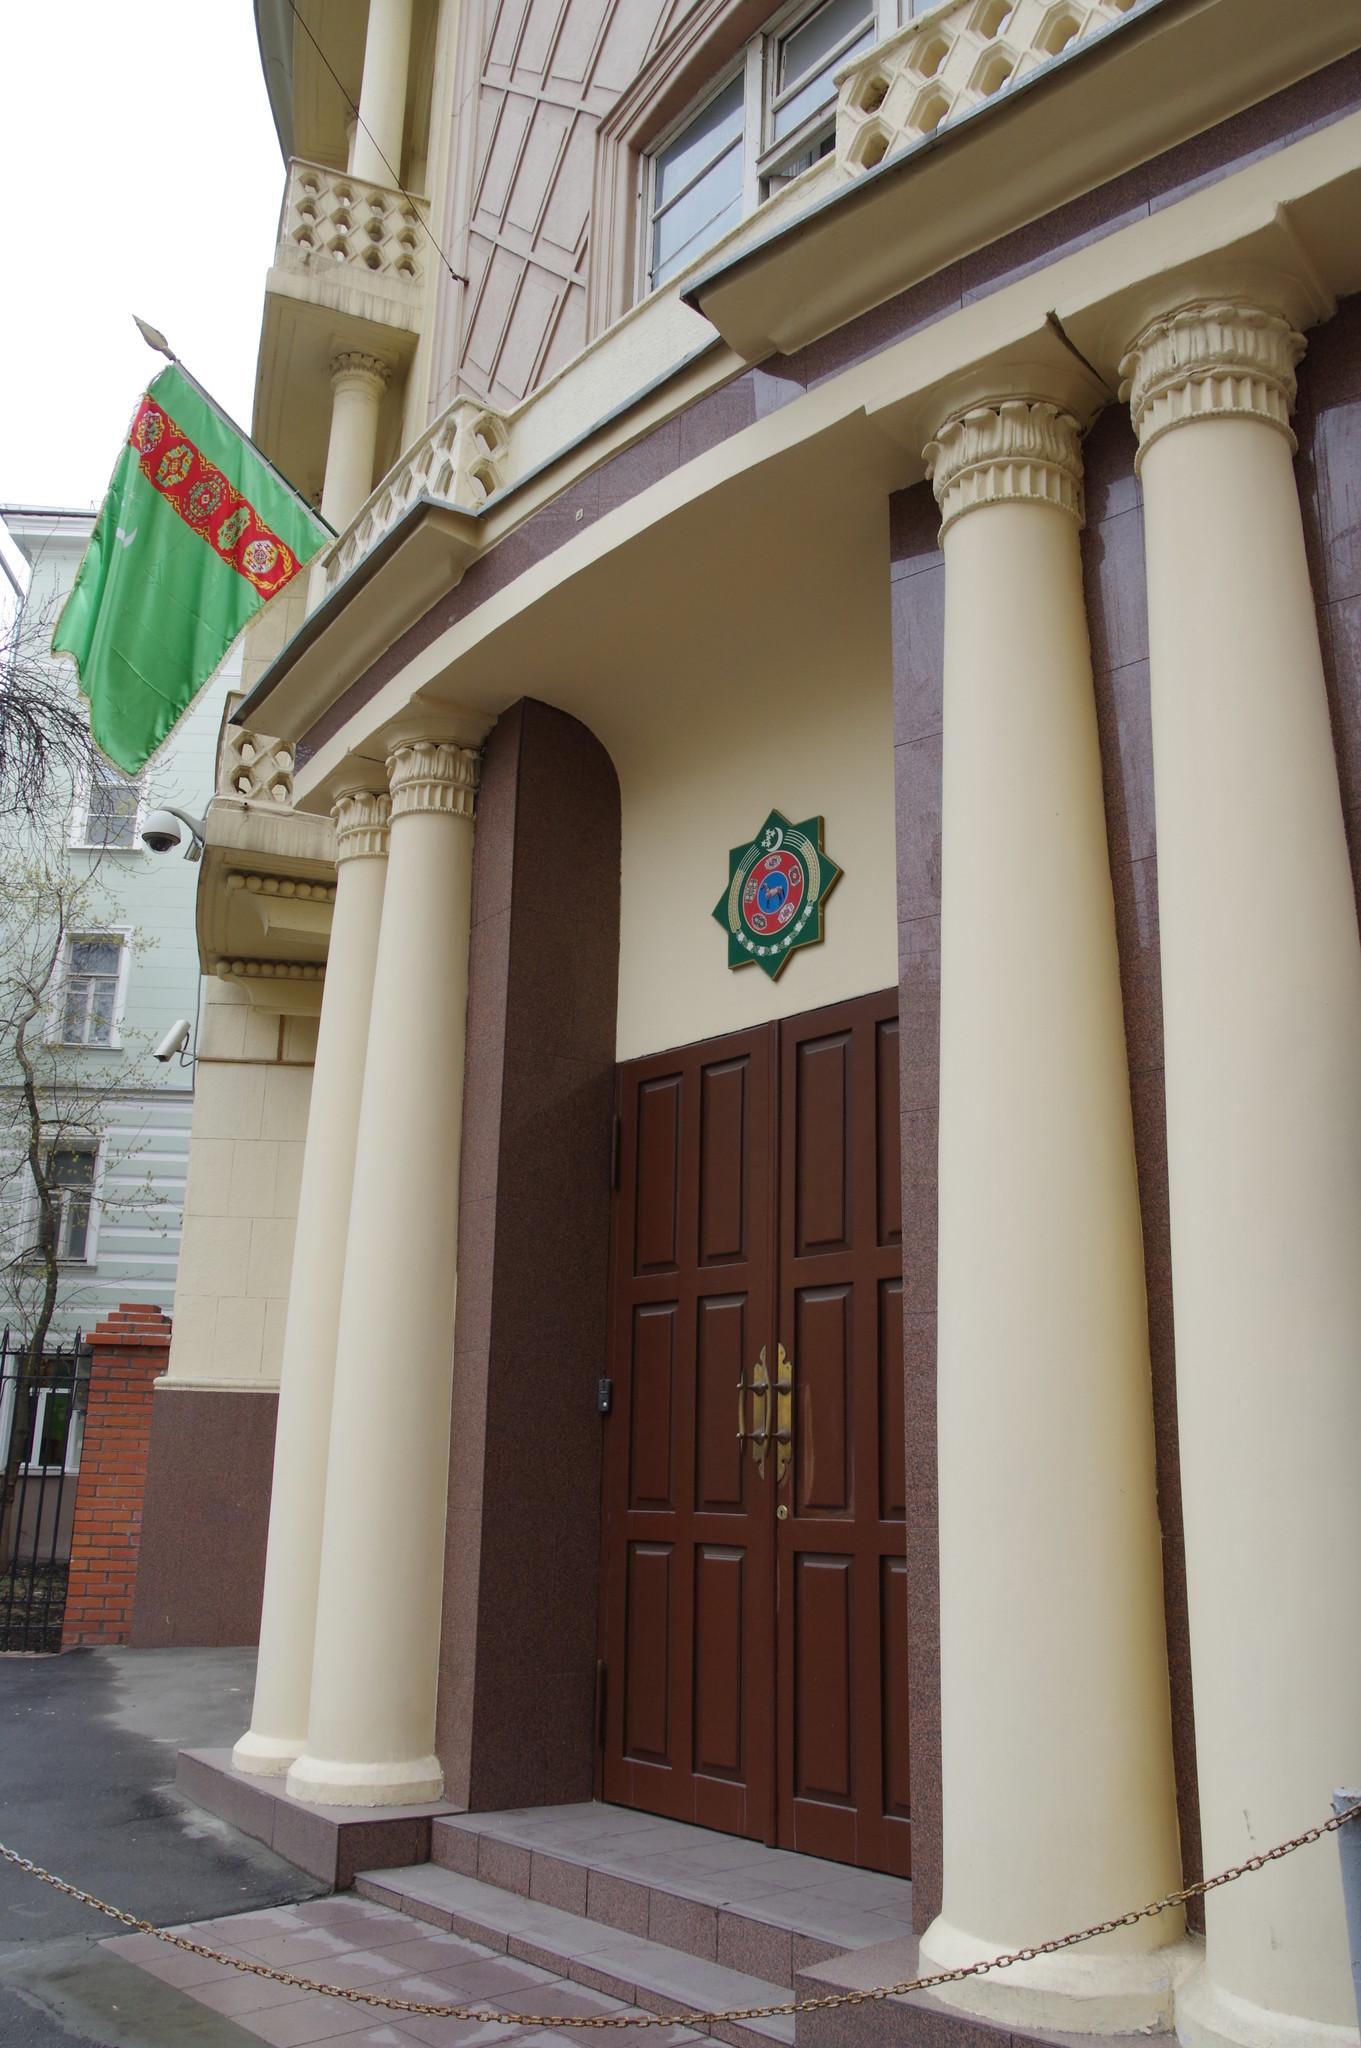 Посольство Туркменистана в Москве (Филипповский переулок, дом 22). Здание было построено в 1908 году как доходный дом (архитектор Георгий Павлович Евланов)